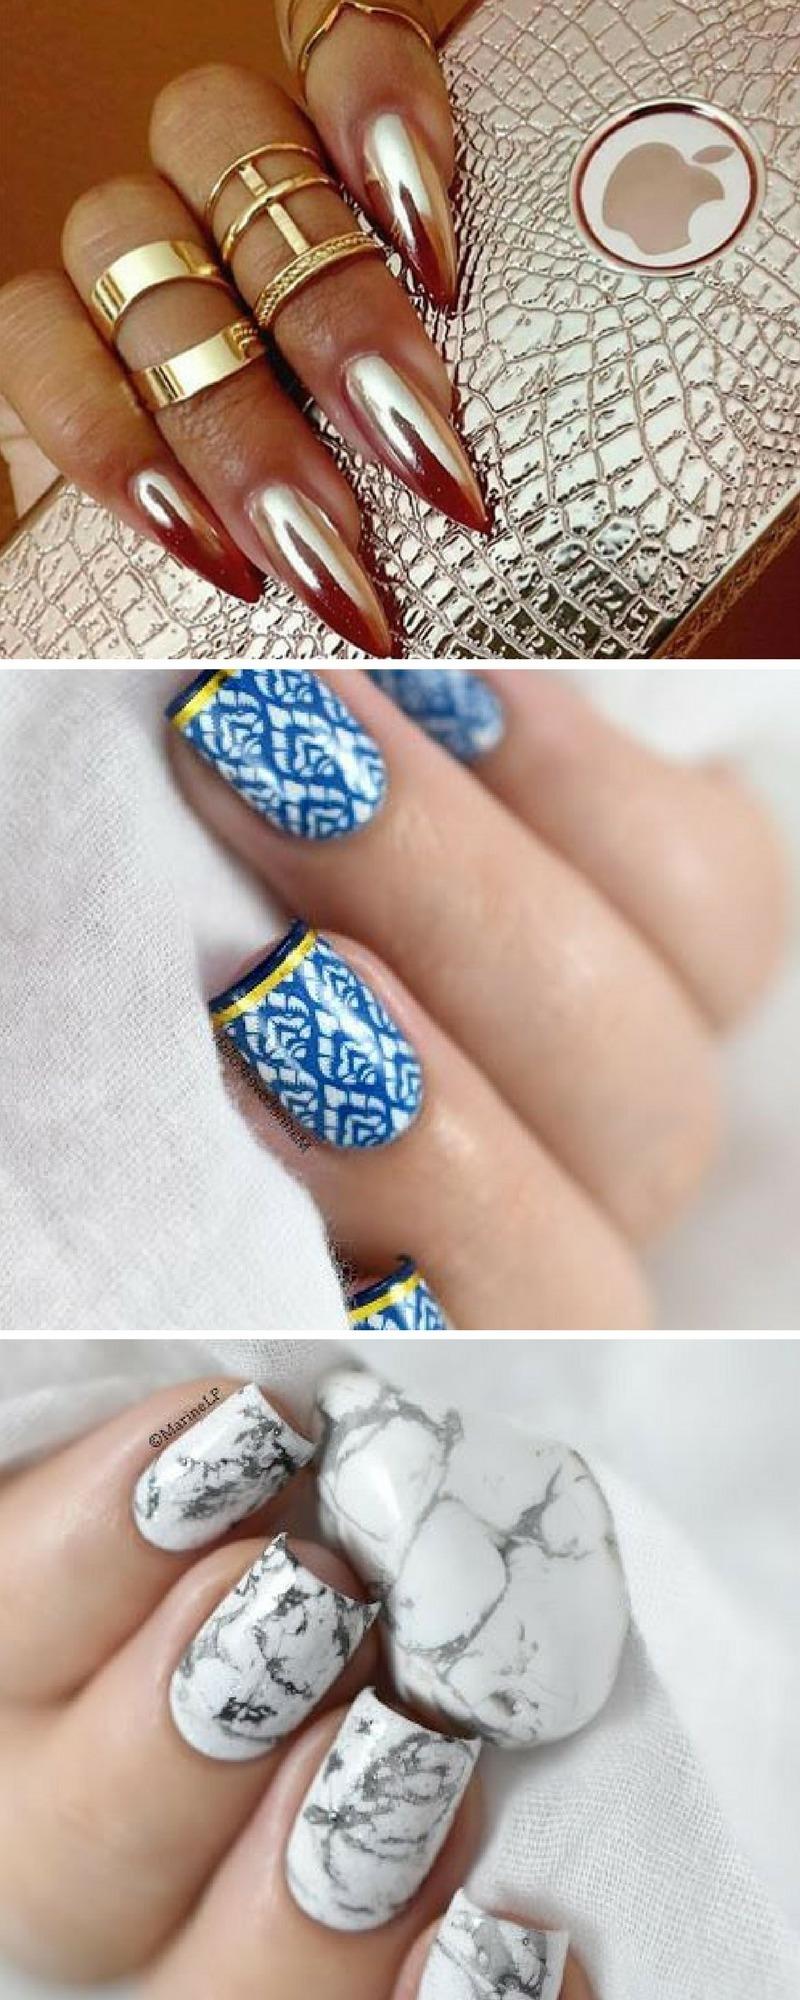 Maniküre: Die schönsten Nail-Art-Designs zur Inspiration